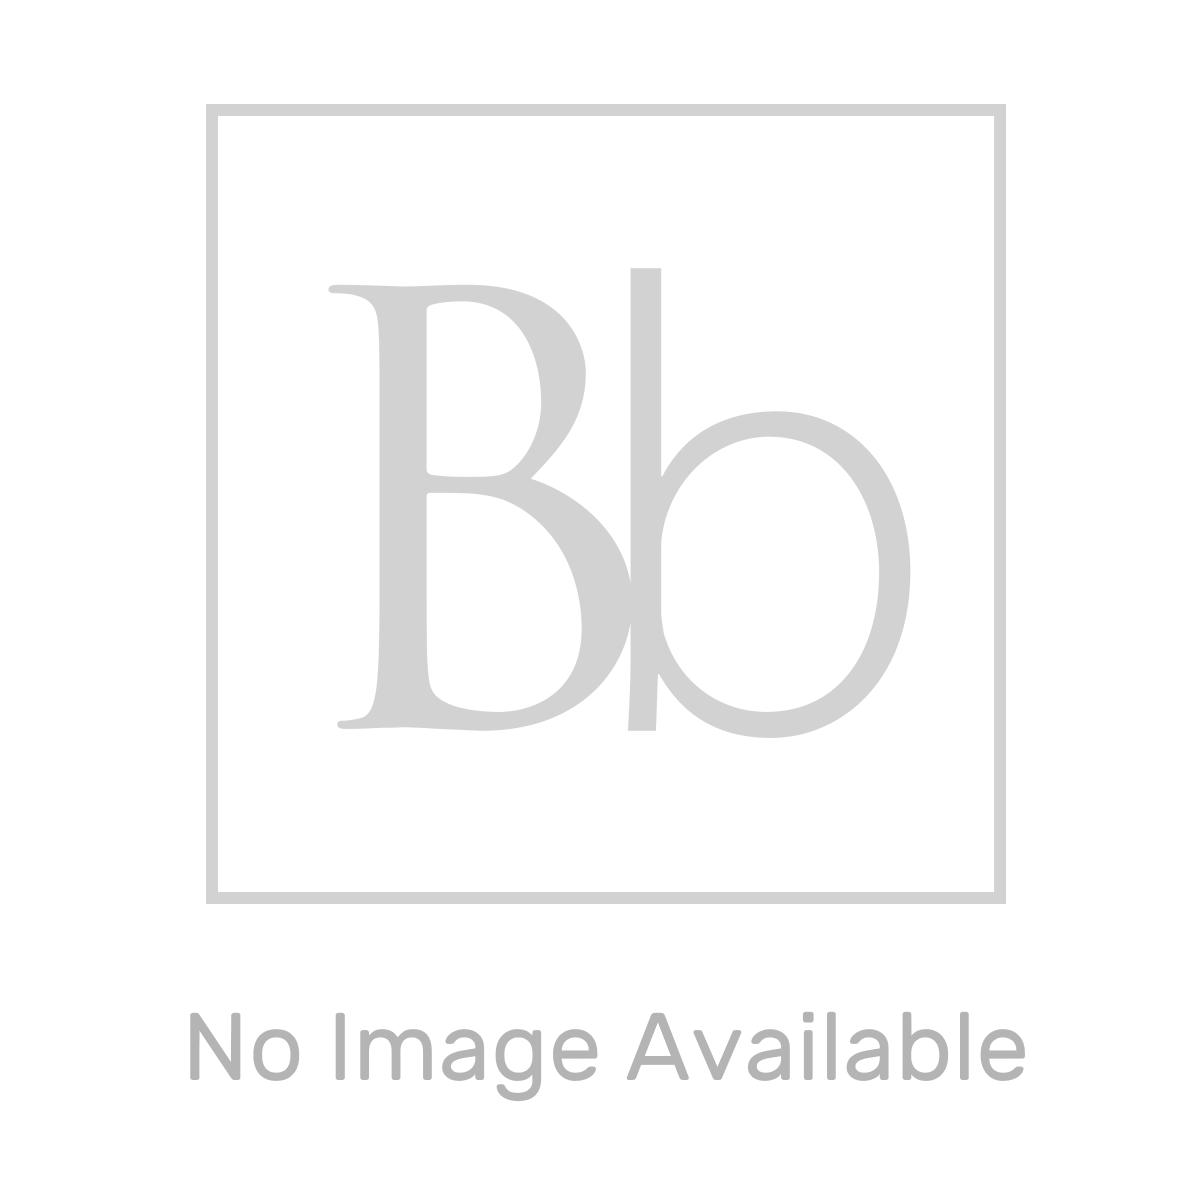 Tavistock Vitoria High Level Toilet - White Gloss Seat